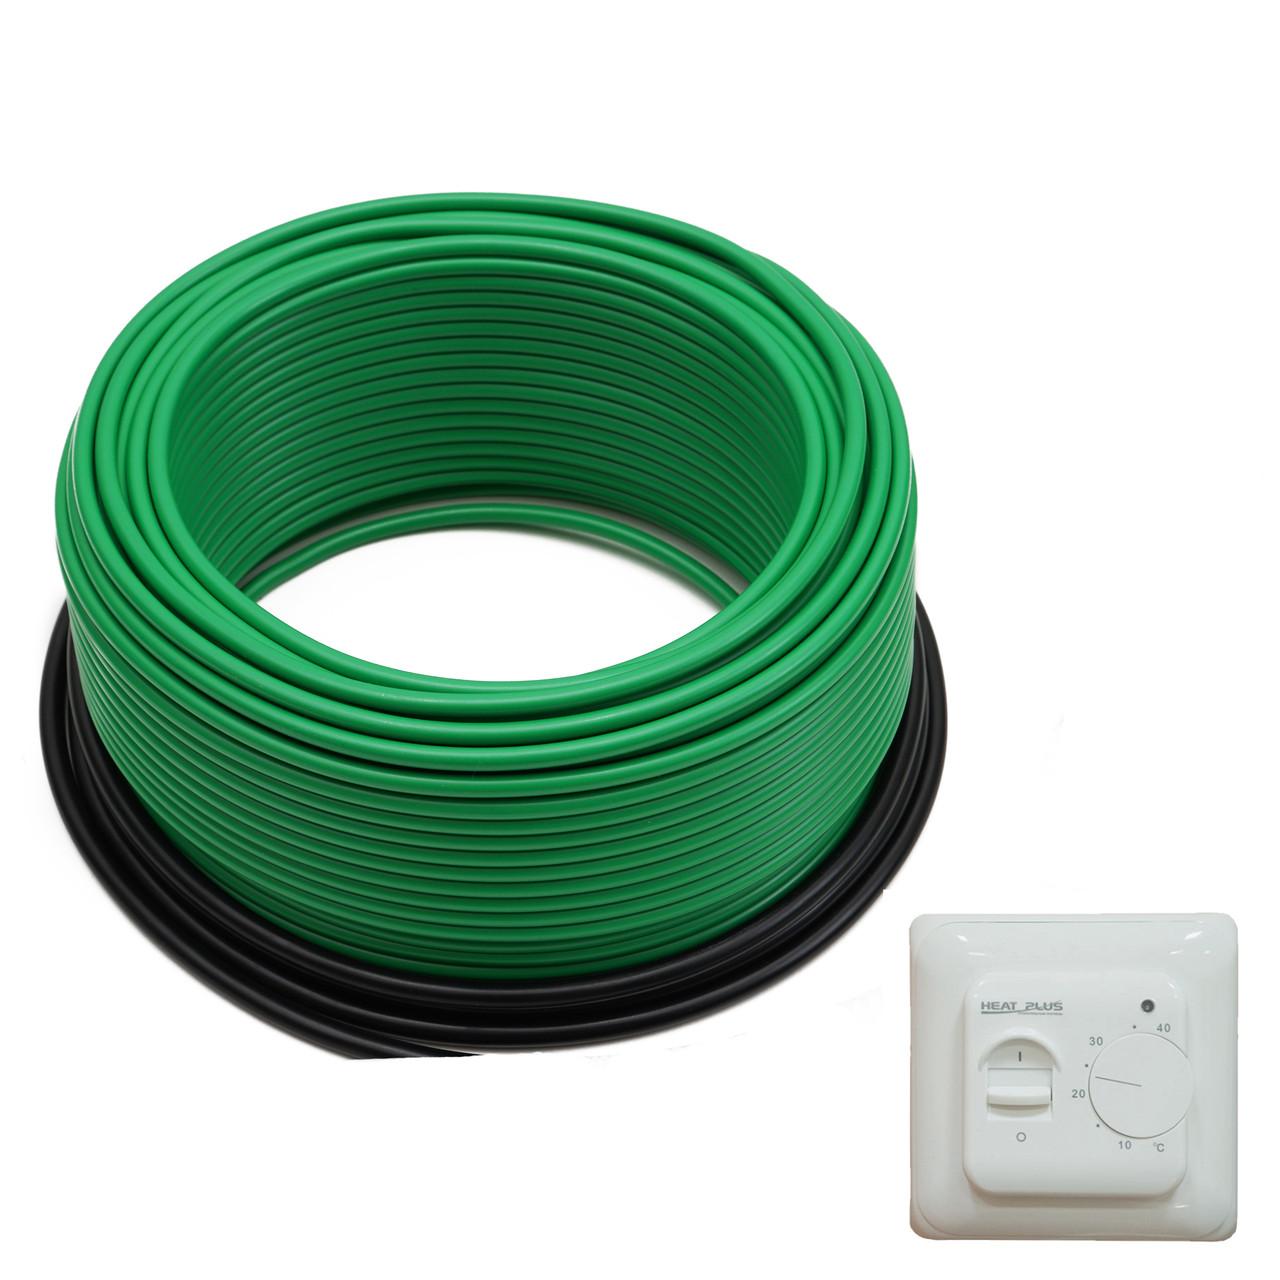 Комплект Нагревательный кабель ThermoGreen CT20-200W 15м2 + Терморегулятор M5.16